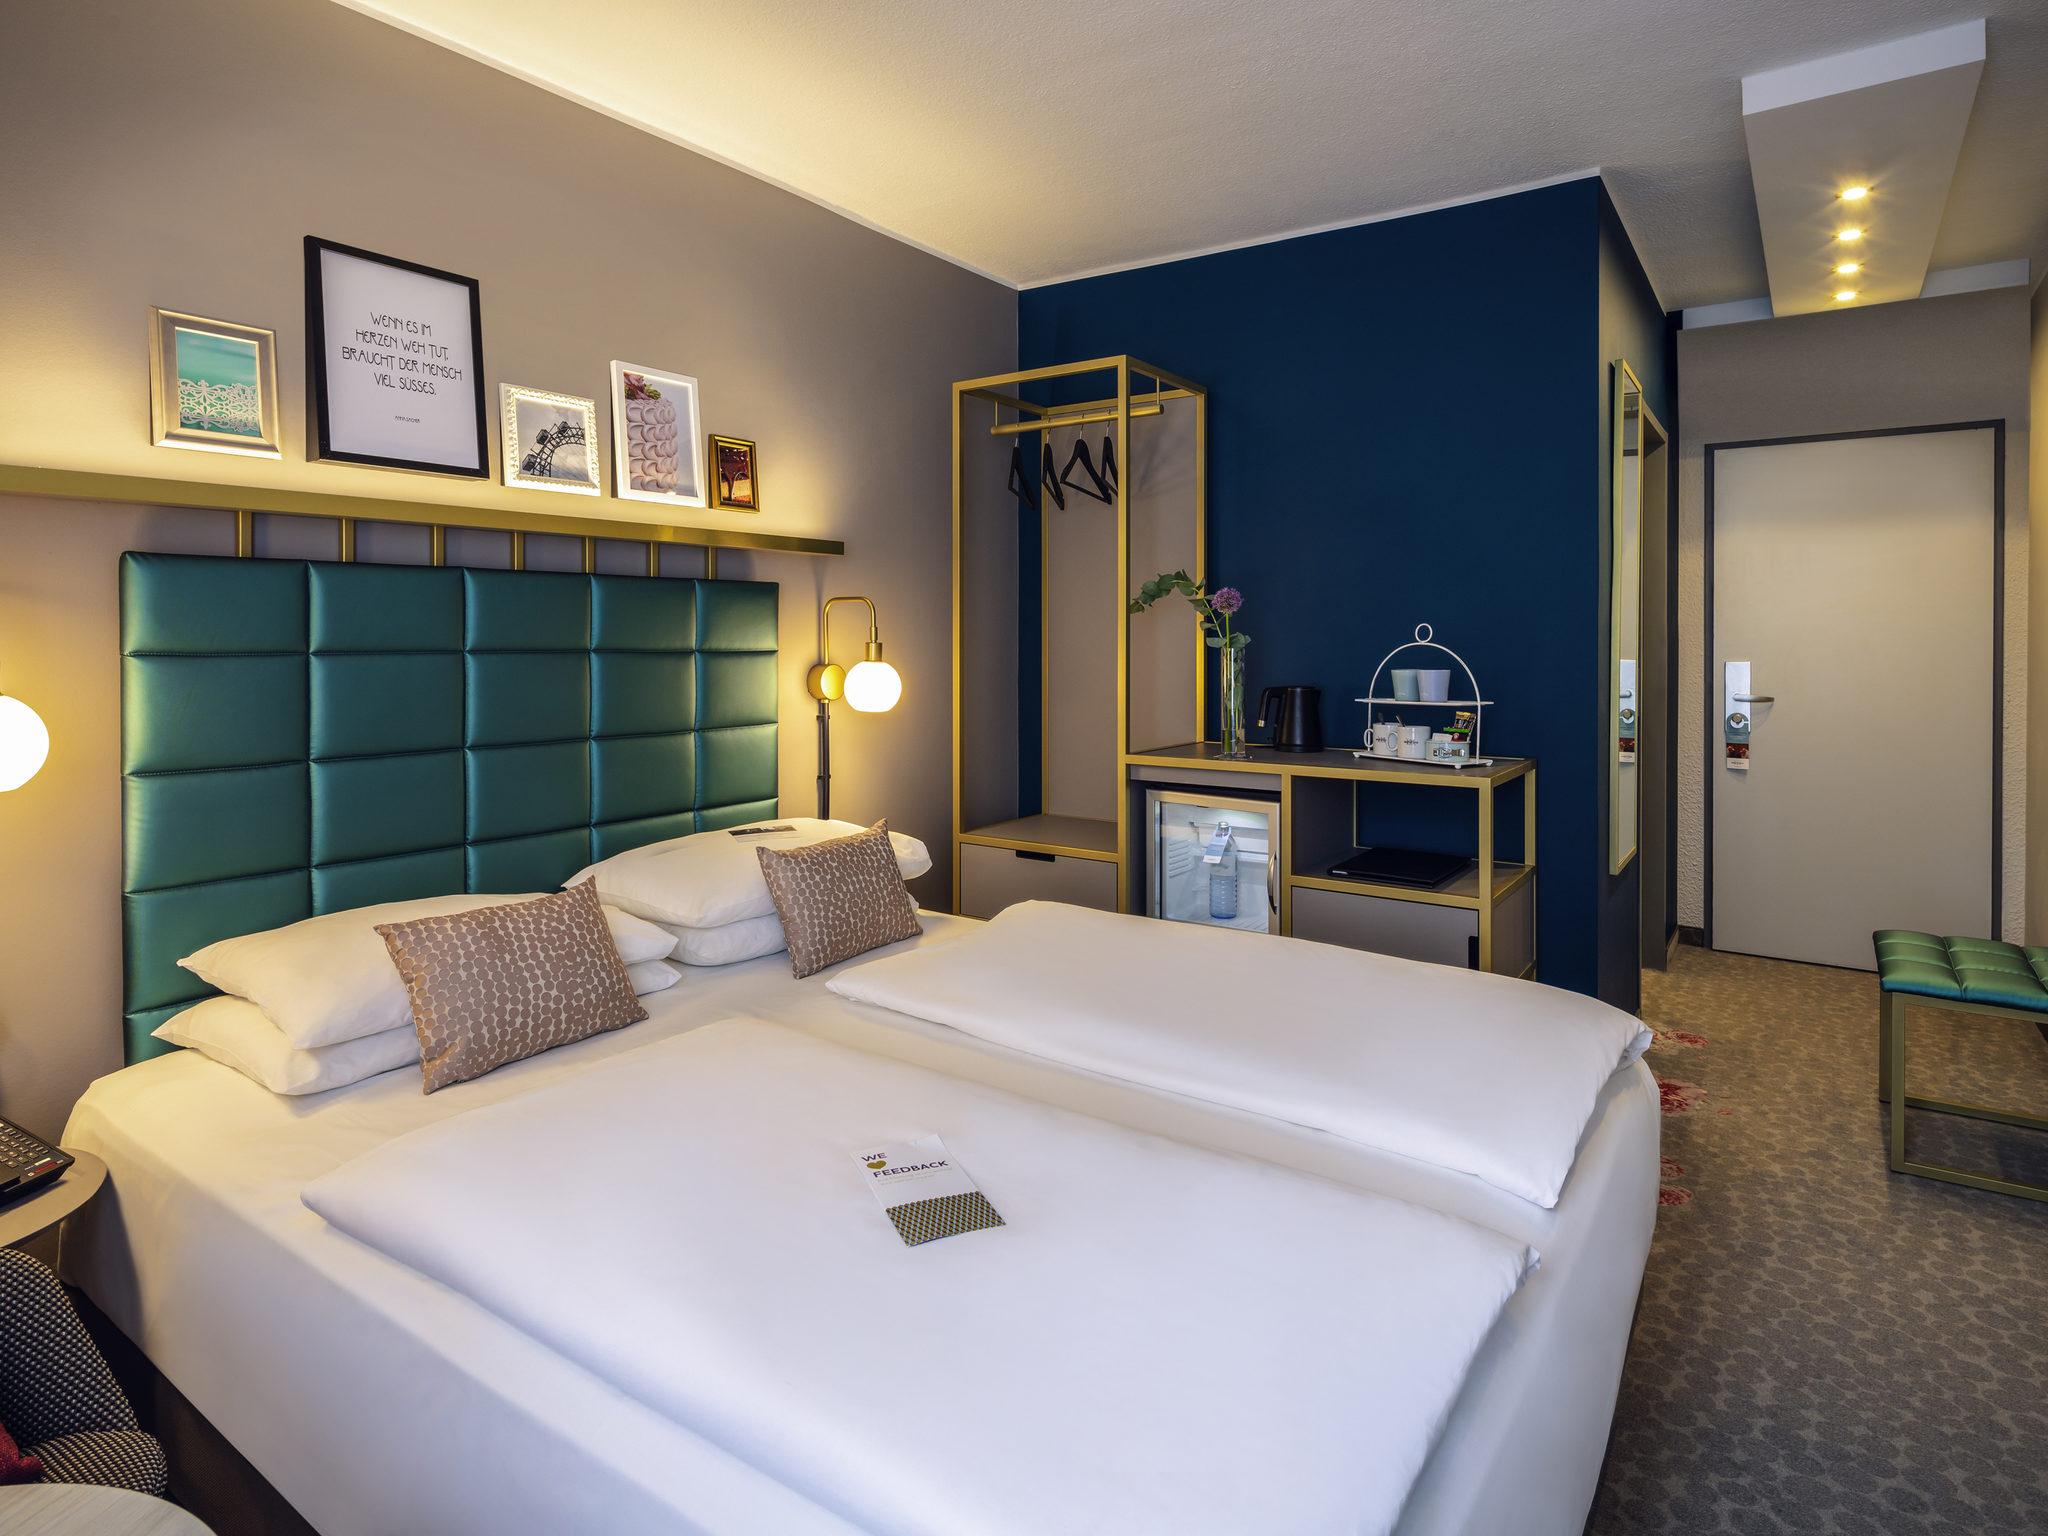 Hotell – Hotel Mercure Wien Zentrum